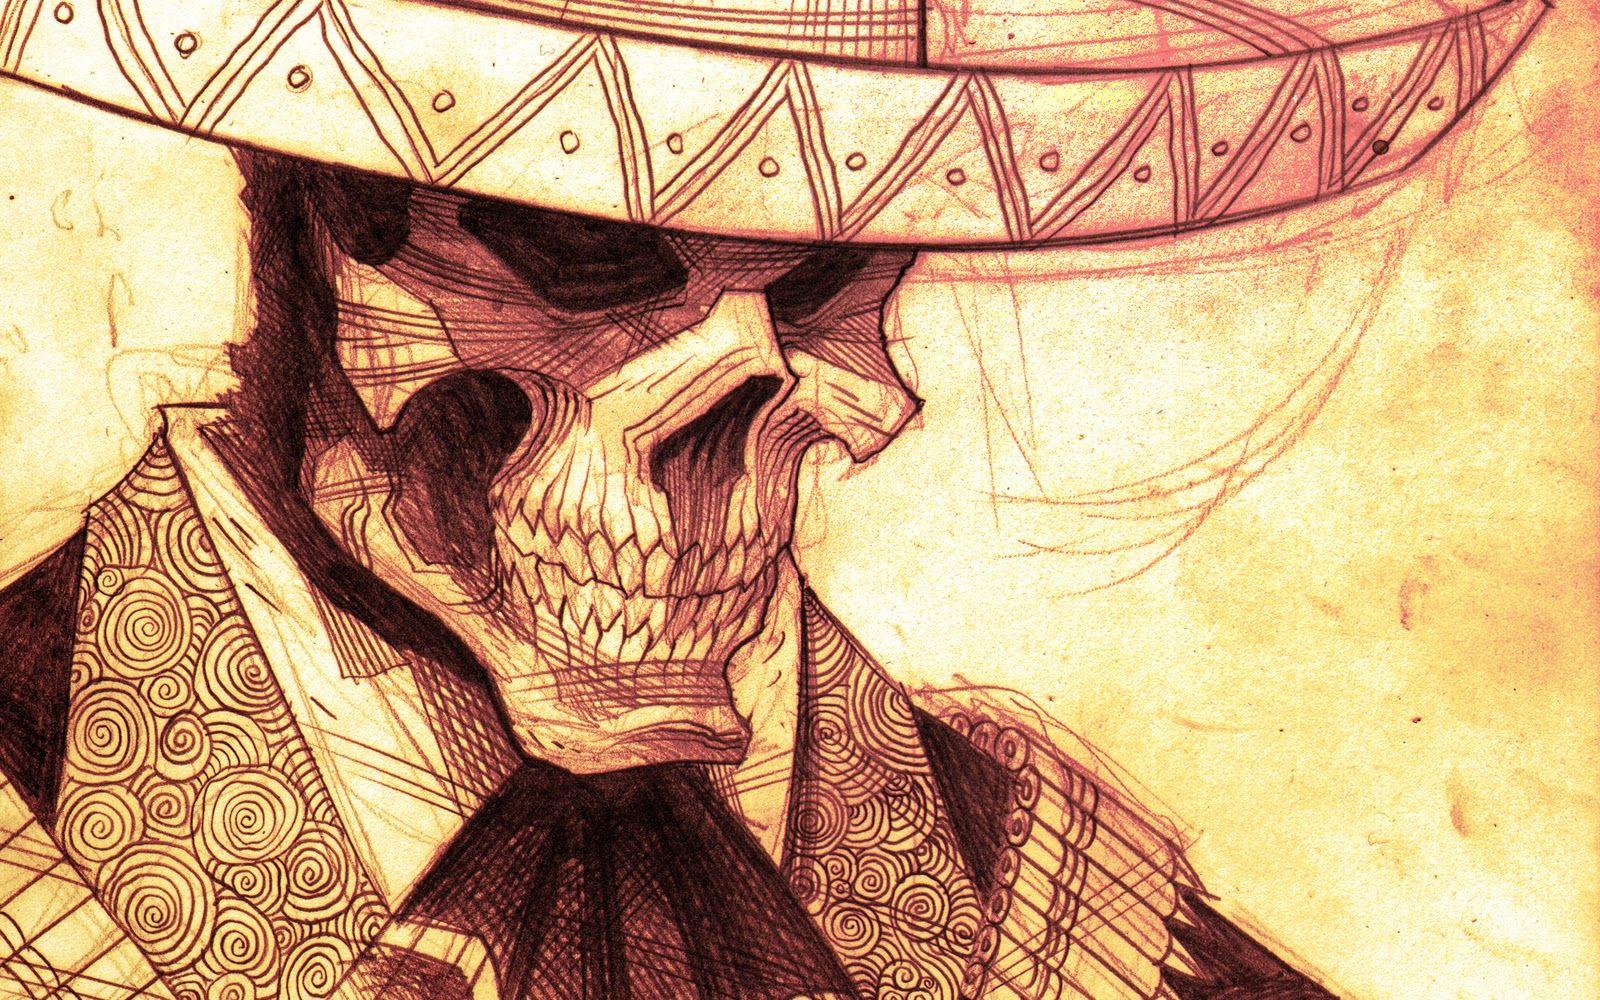 Mariachi Dia Del Muerto Tatuajes De Calaveras Mexicanas Bocetos Ilustracion De Calavera